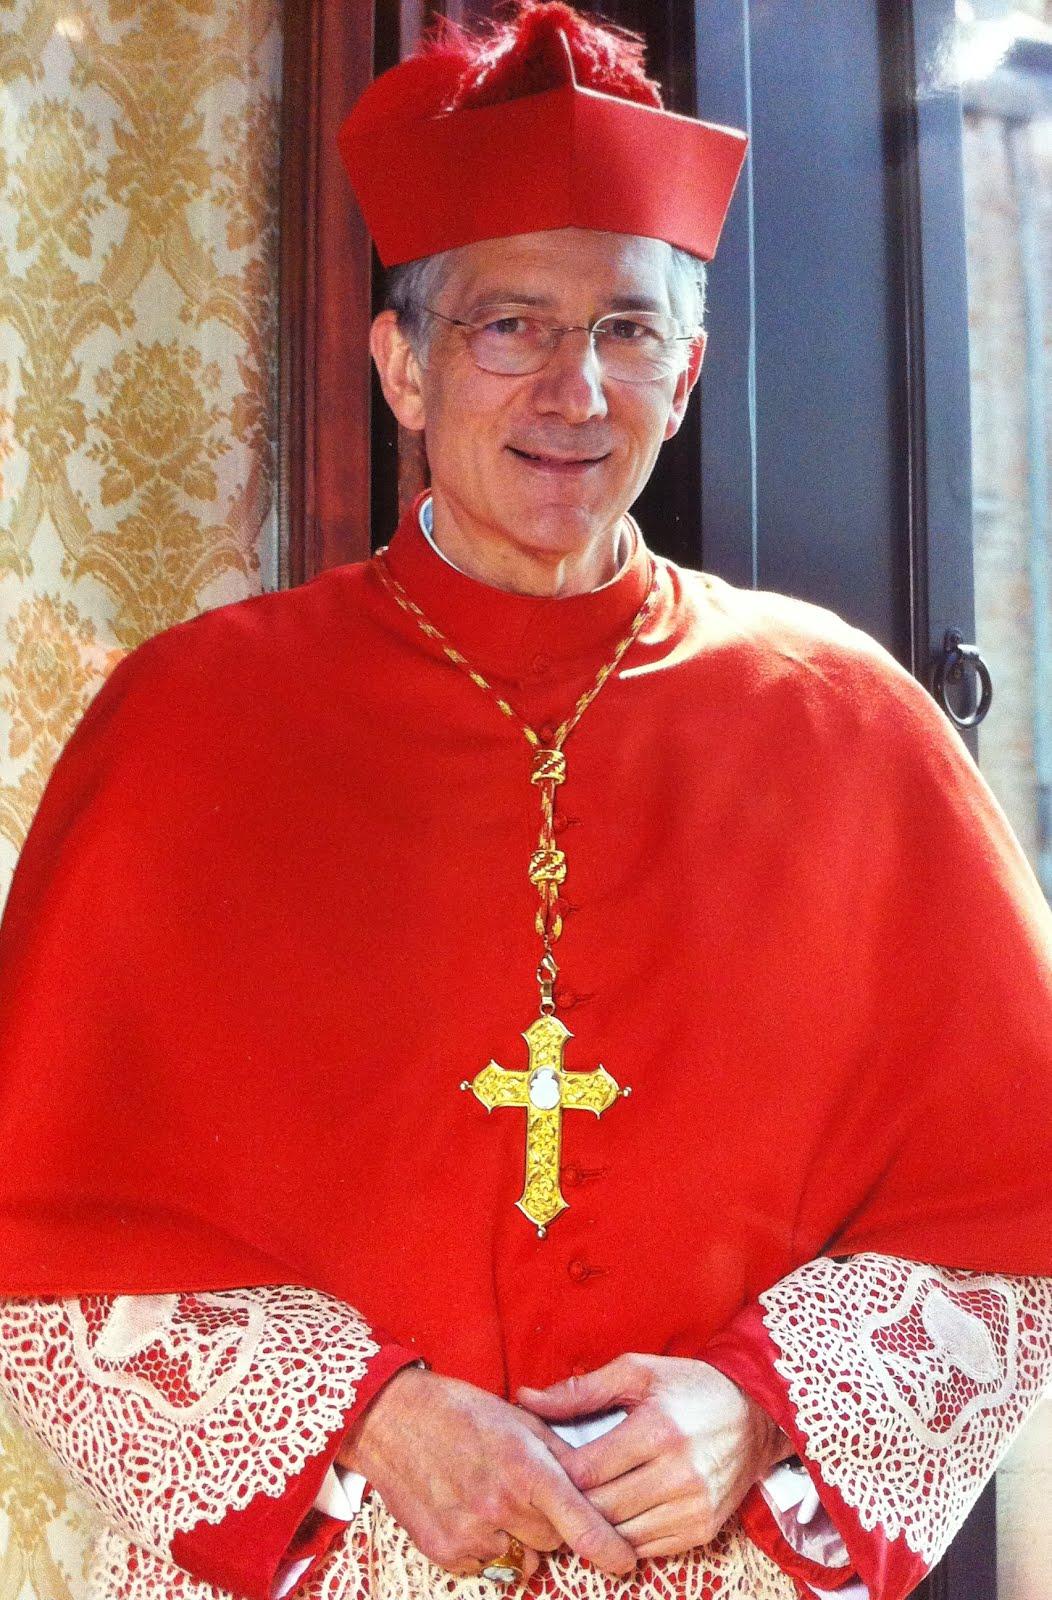 S.E.R. il Patriarca delle Venezie, l'Arcivescovo mons. Francesco Moraglia